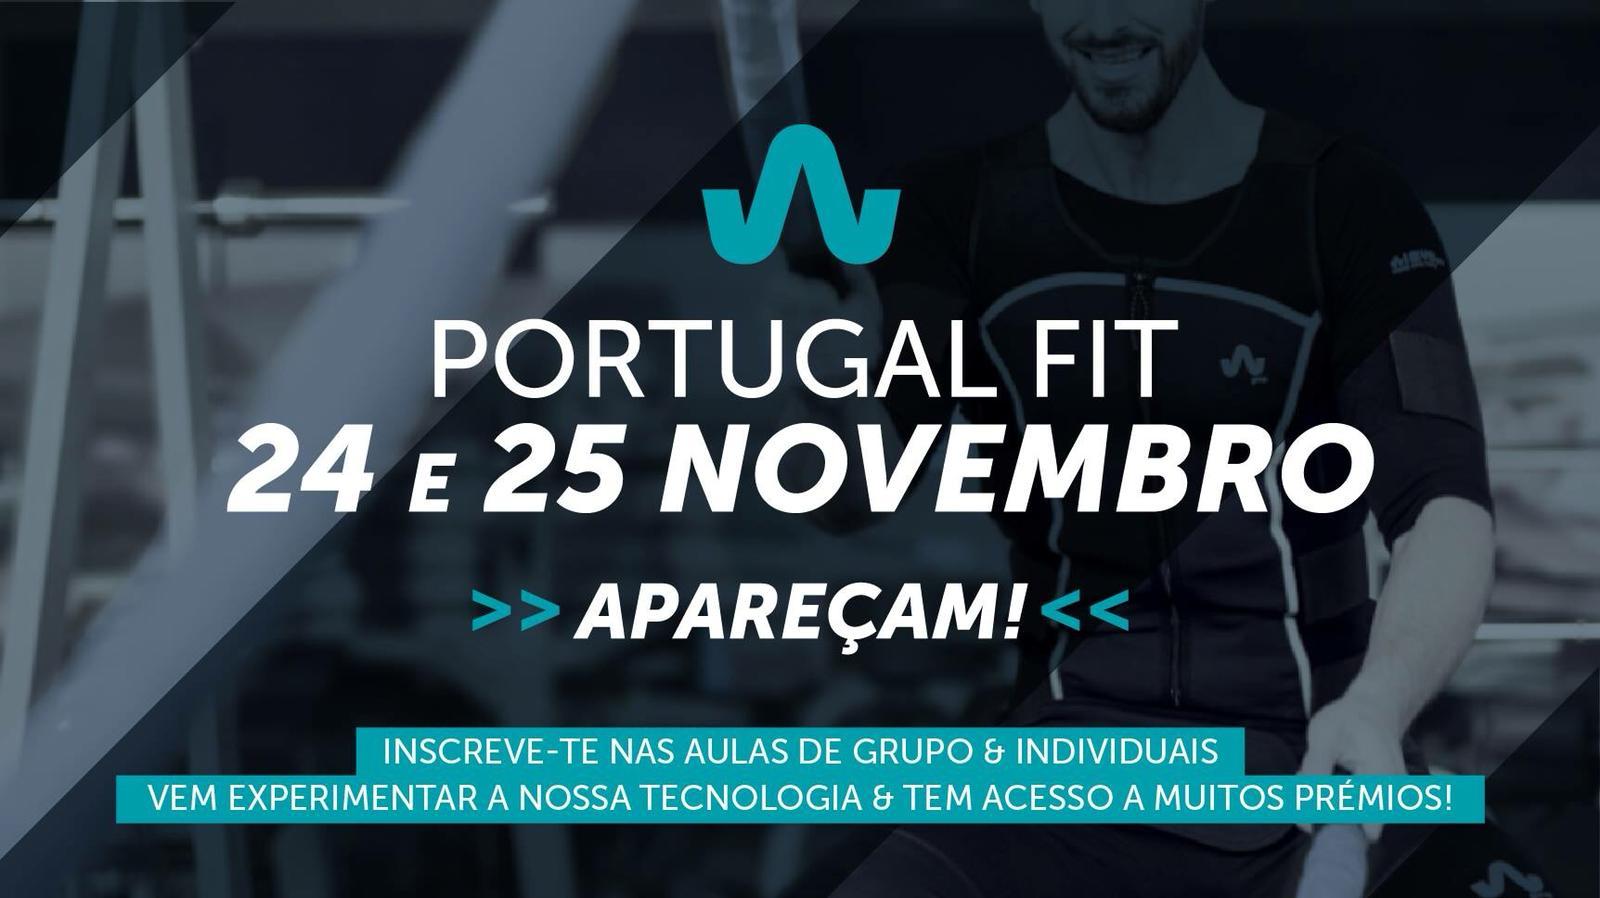 Wiemspro en Portugal Fit